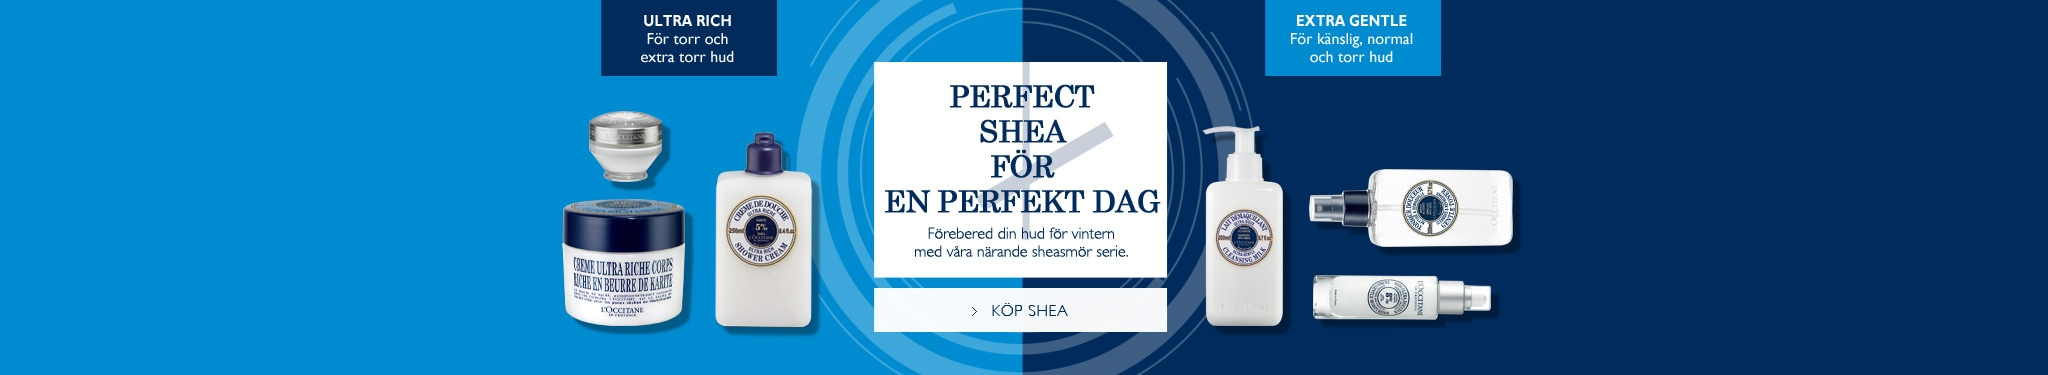 Perfekt Shea för en perfekt dag